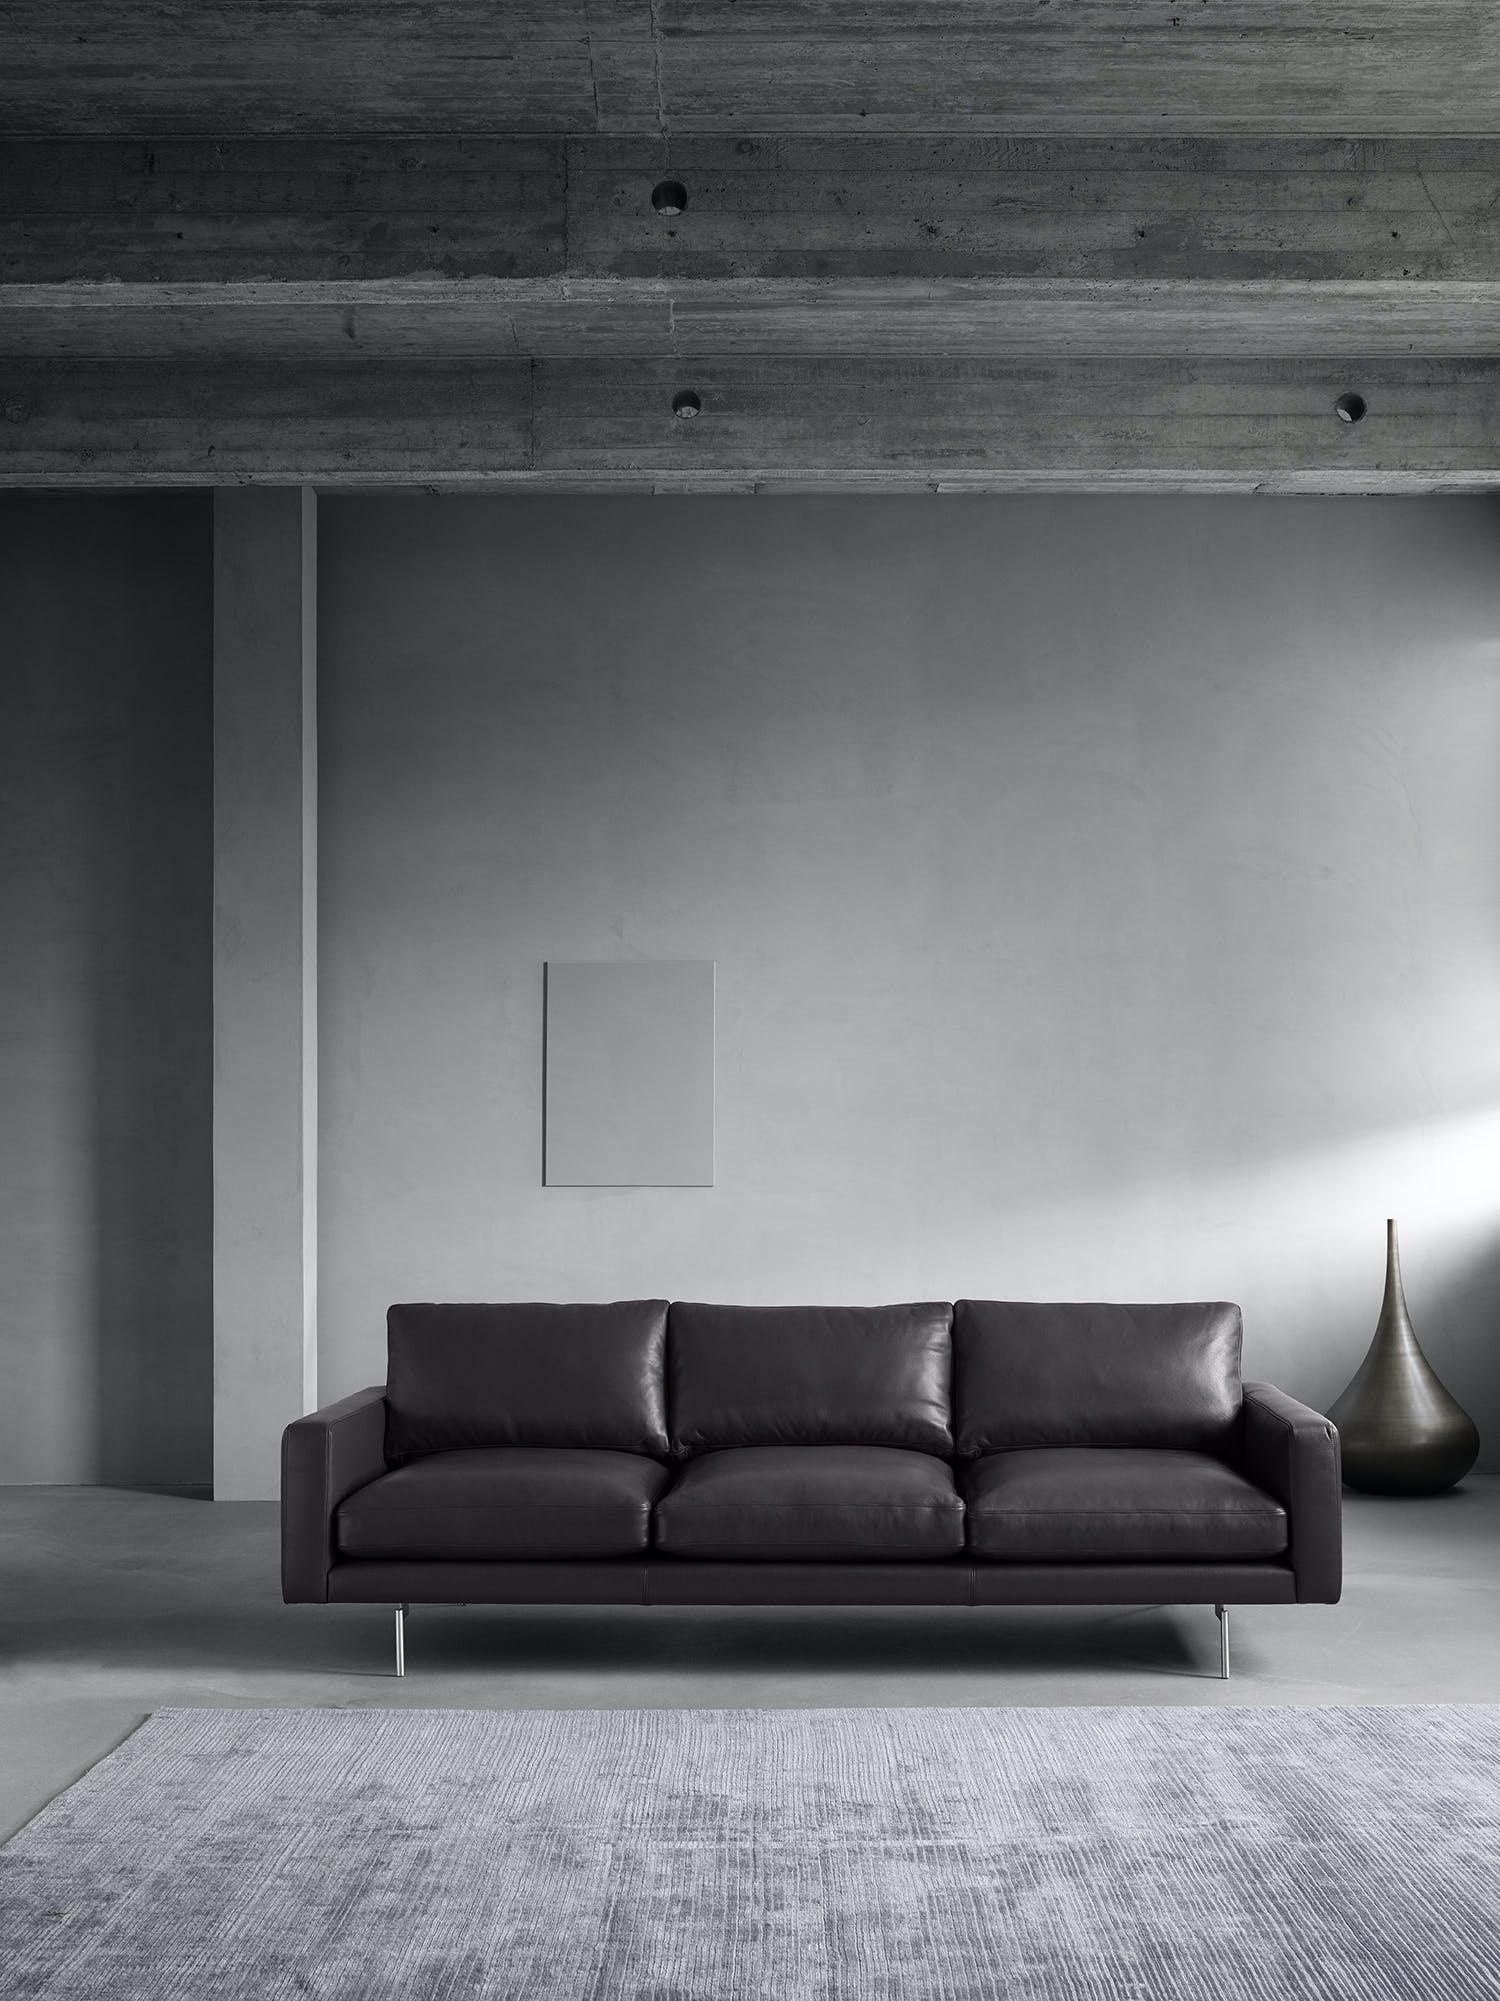 Wednelbo-front-edge1-sofa-institu-haute-living